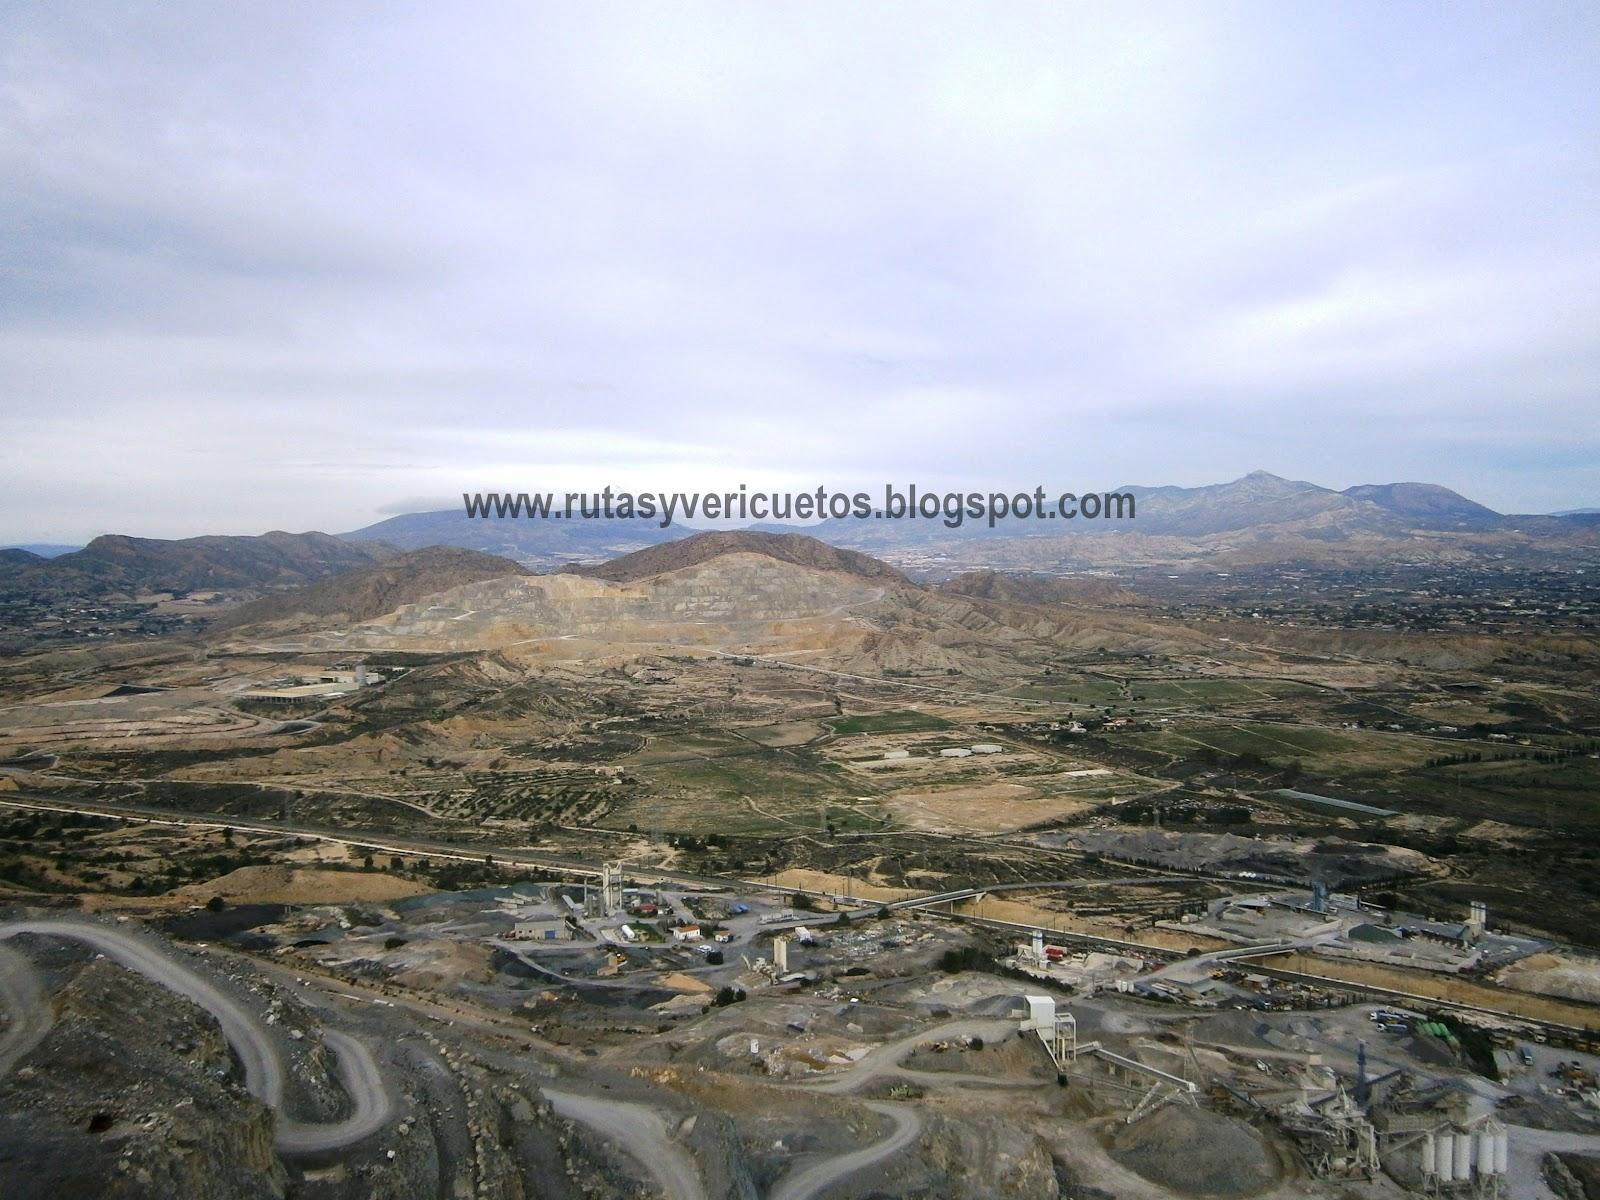 Vista de la partida. Al fondo la Sierra Mediana